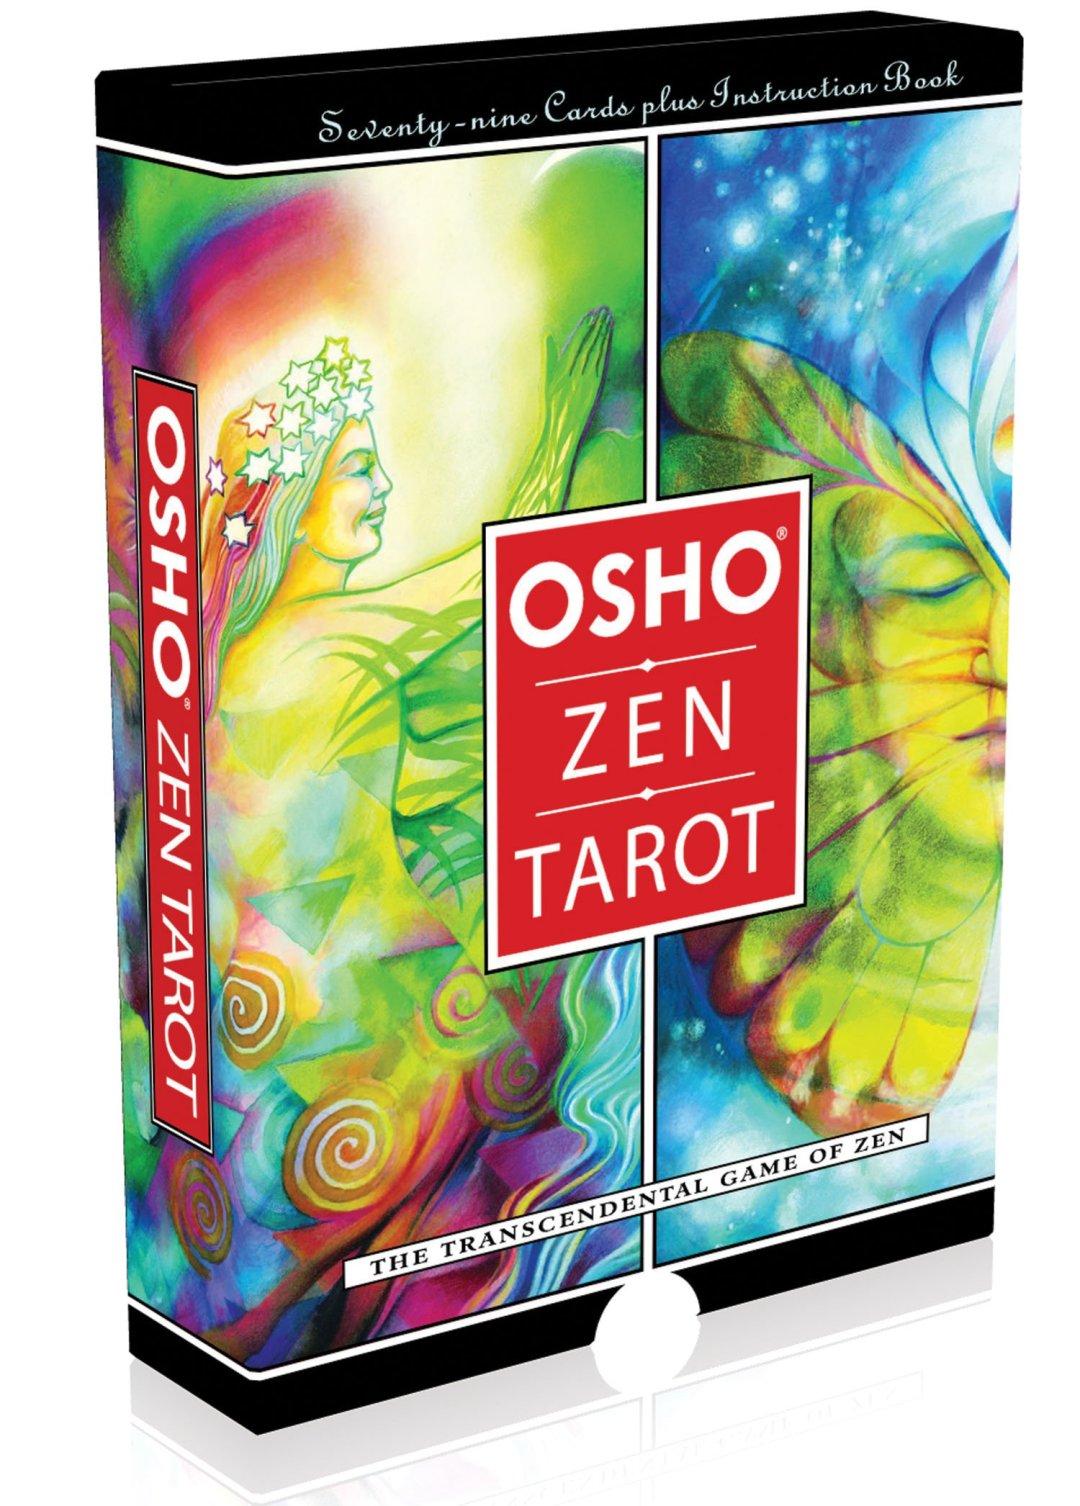 Boite Osho zen tarot